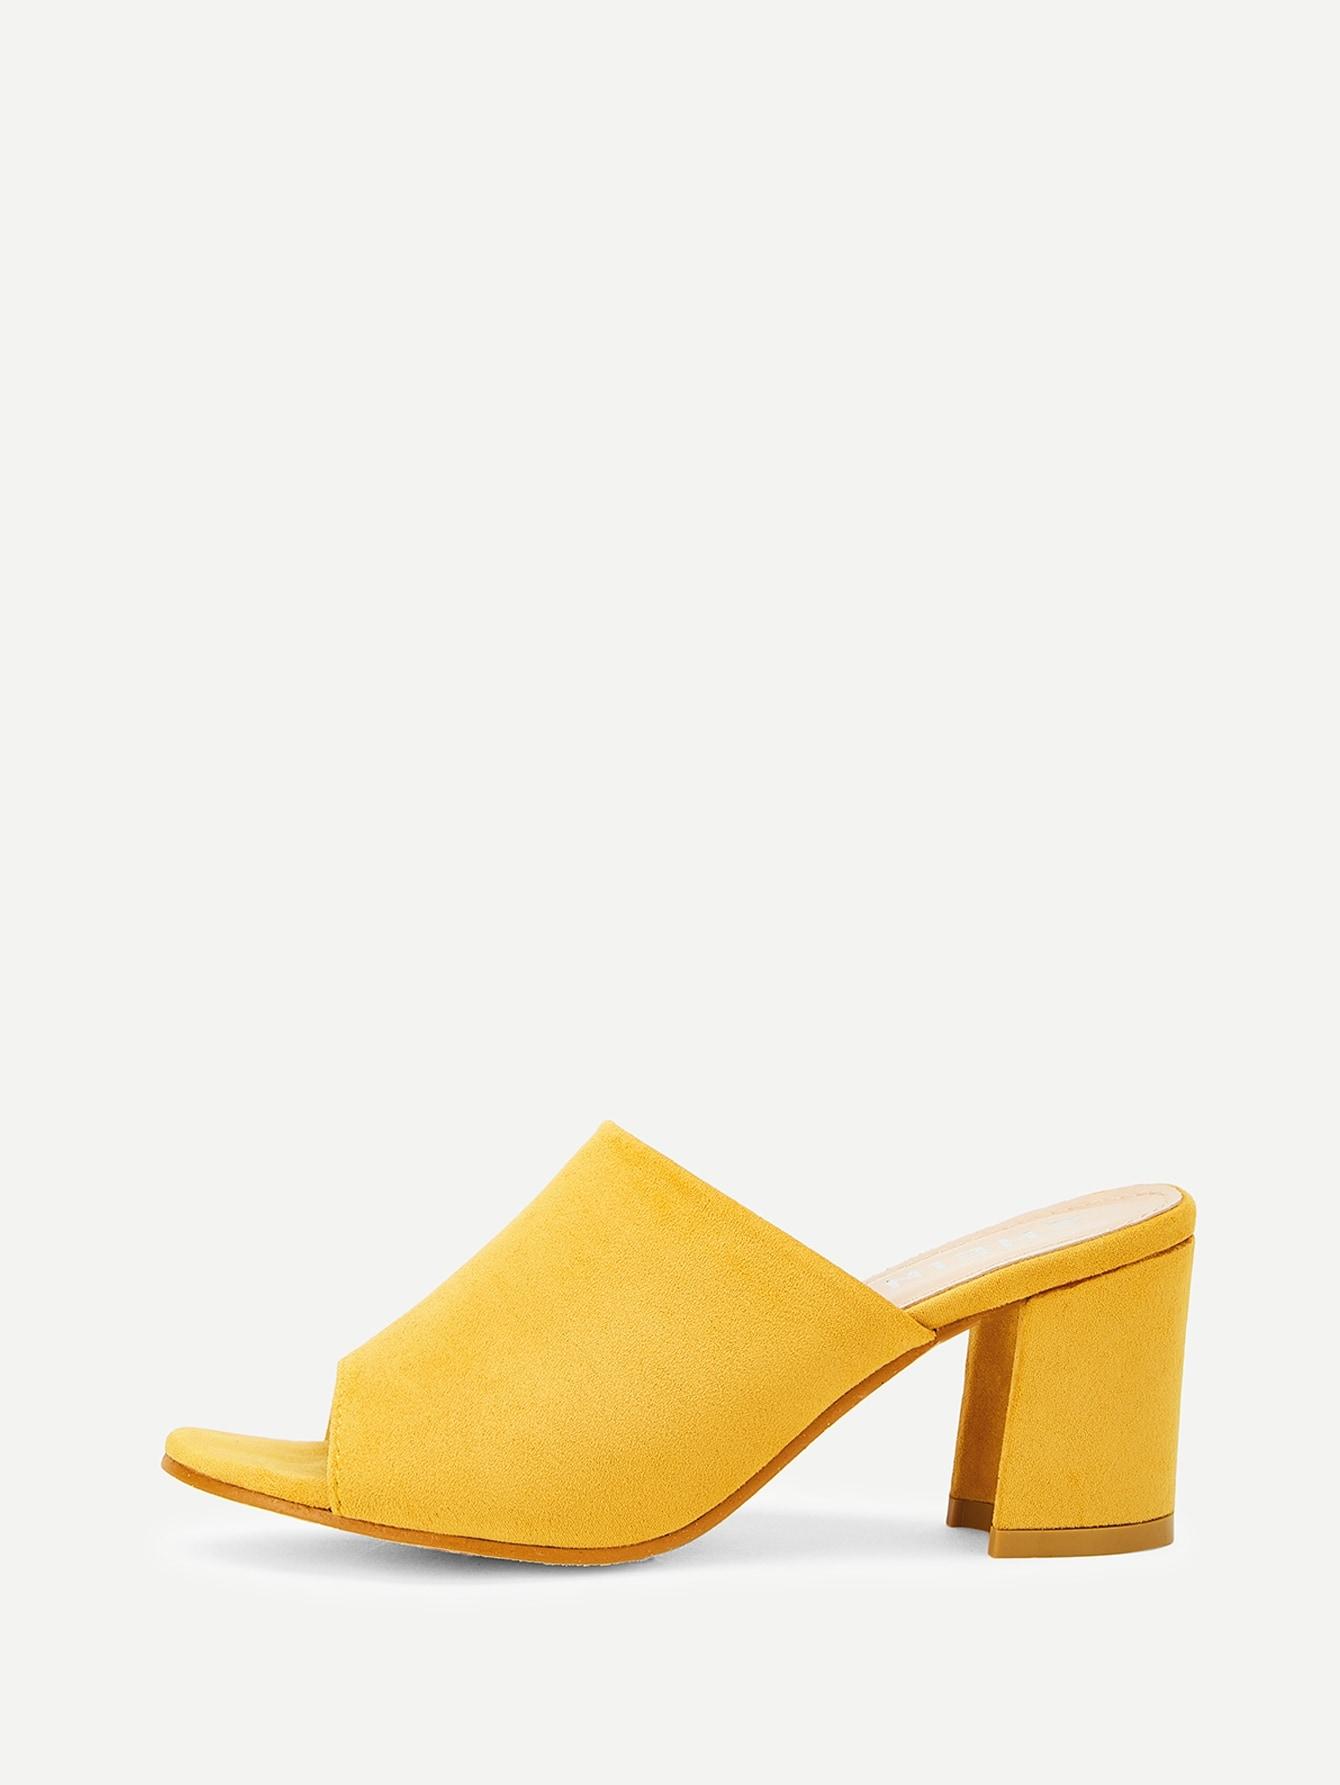 Купить Соткрытой пальцы ноги Жёлтый Каблуки, null, SheIn